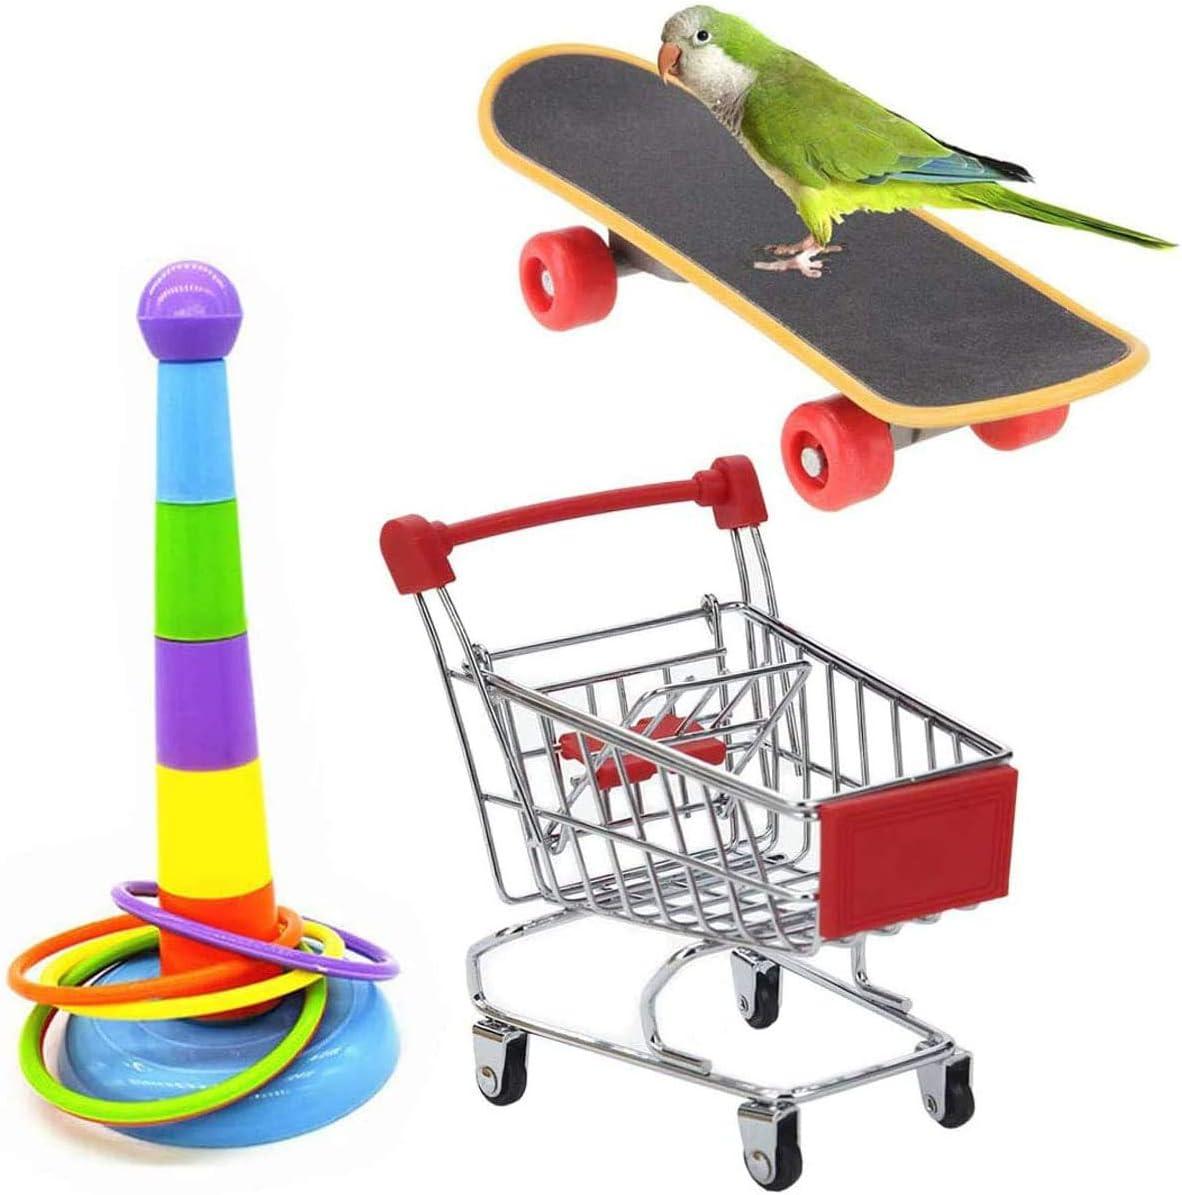 Acidea 3 piezas juguetes para loros, juguetes para pájaros, incluyendo mini anillos de entrenamiento, carrito de compras monopatín juguetes interactivos para loro, periquito, cacatúa Lovebird